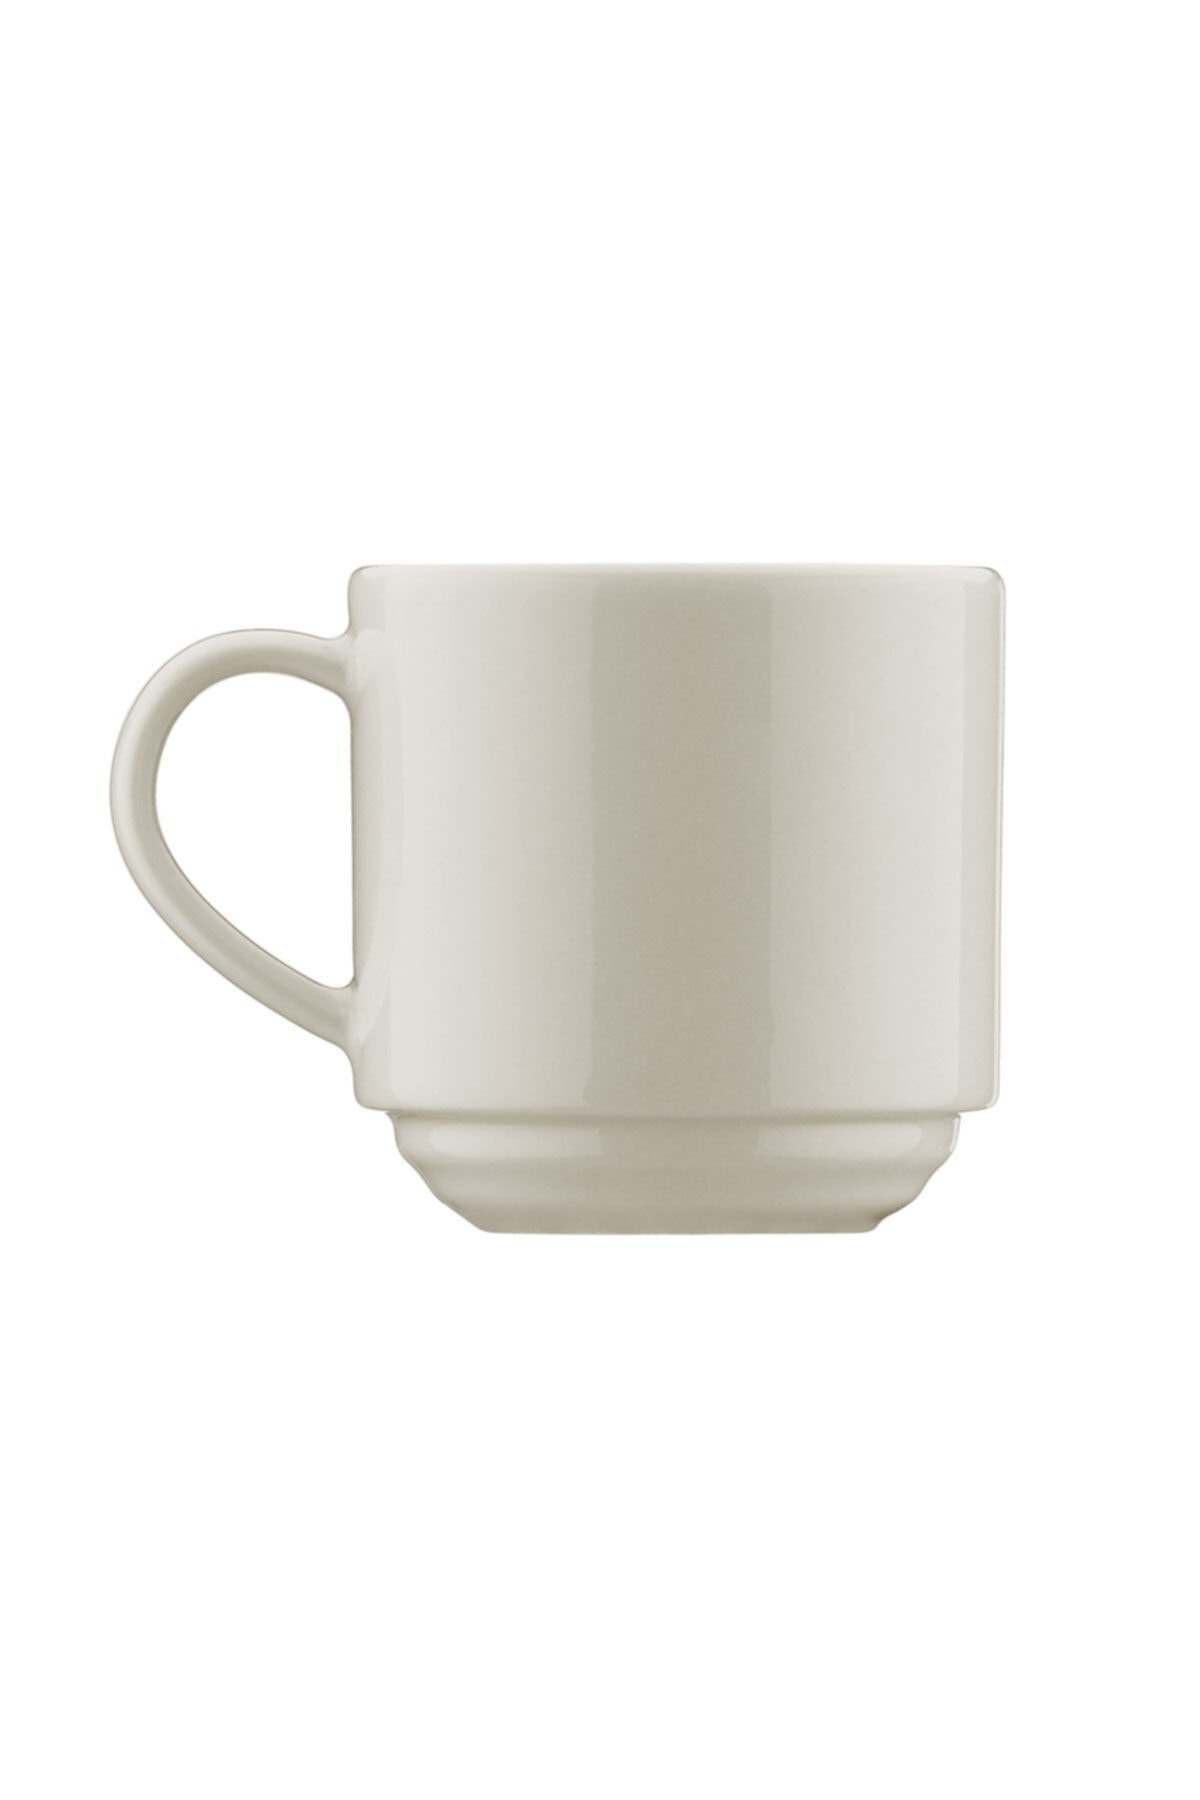 Kütahya Porselen Tuvana Çay Takımı Krem 2